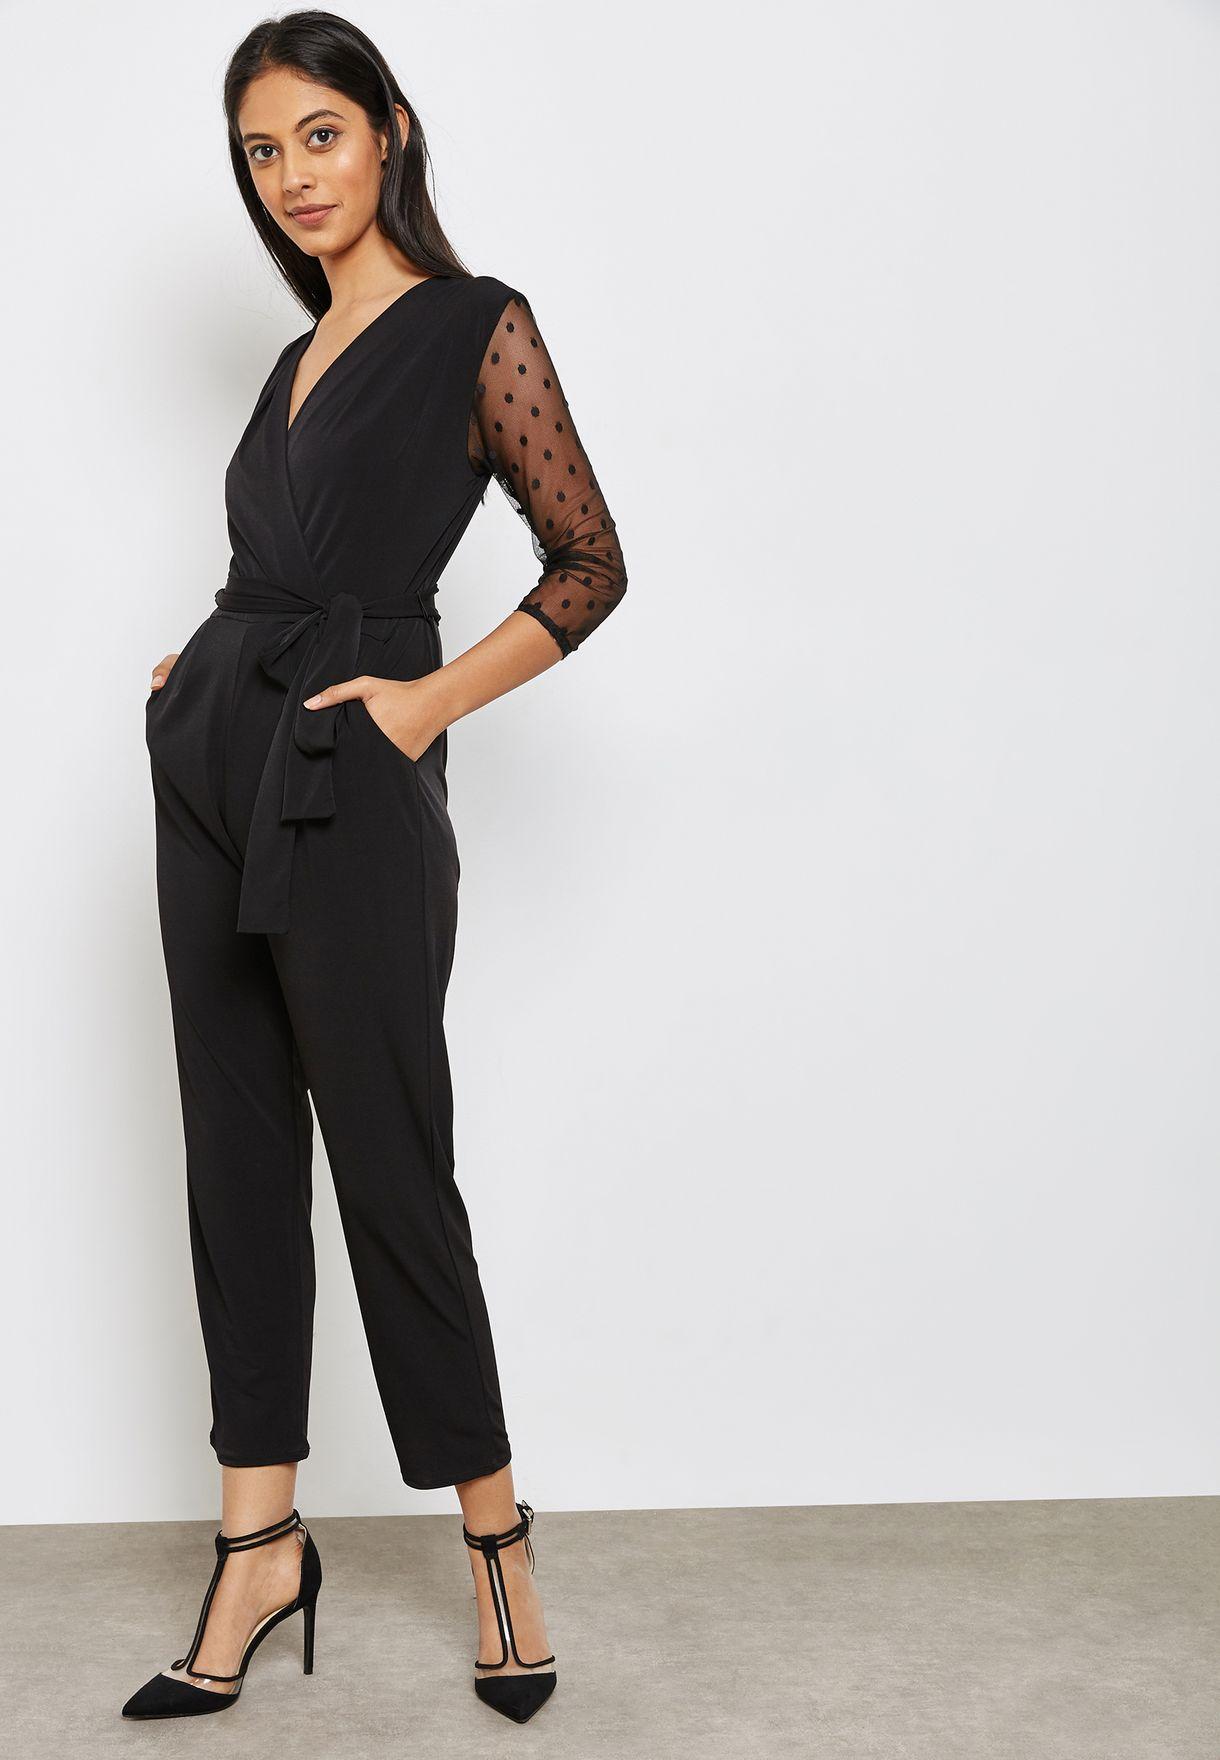 f3e46596178f Shop Wallis Petite black Mesh Sleeve Jumpsuit 090901001 for Women in Qatar  - WA008AT86ICJ